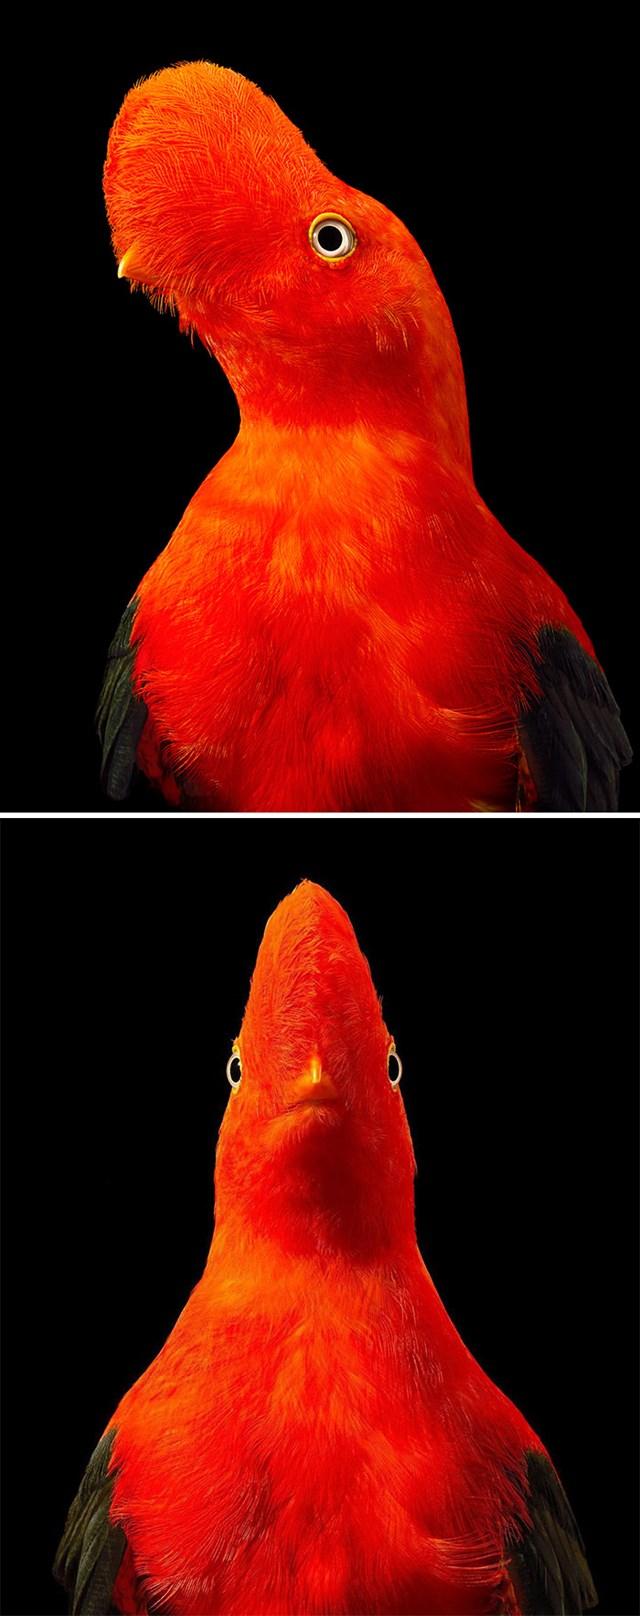 [ẢNH] TOP 25 loài chim quý hiếm và tuyệt đẹp - Ảnh 16